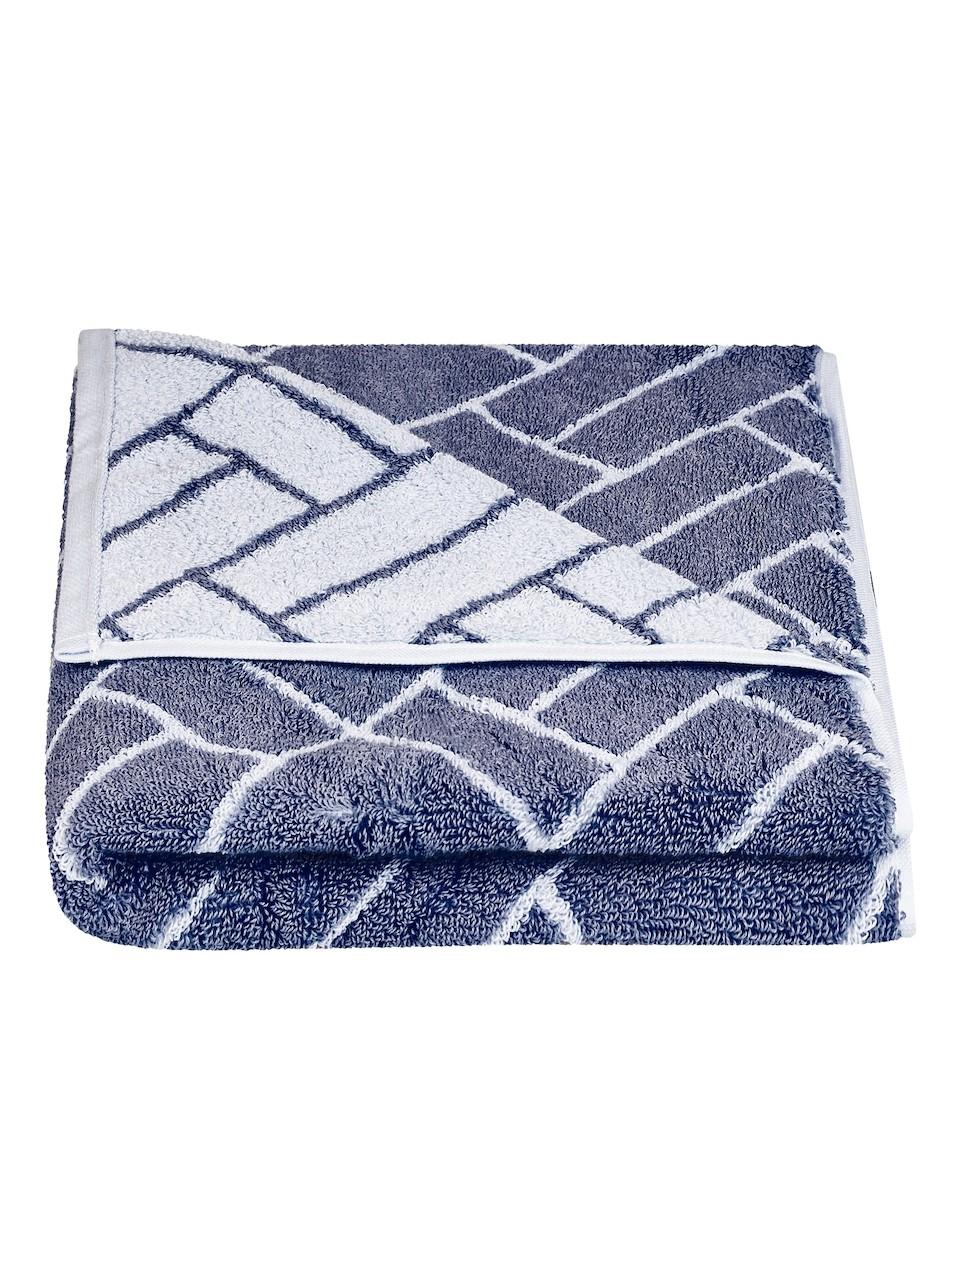 Vícebarevný ručník FRH144 Šedo-modrá